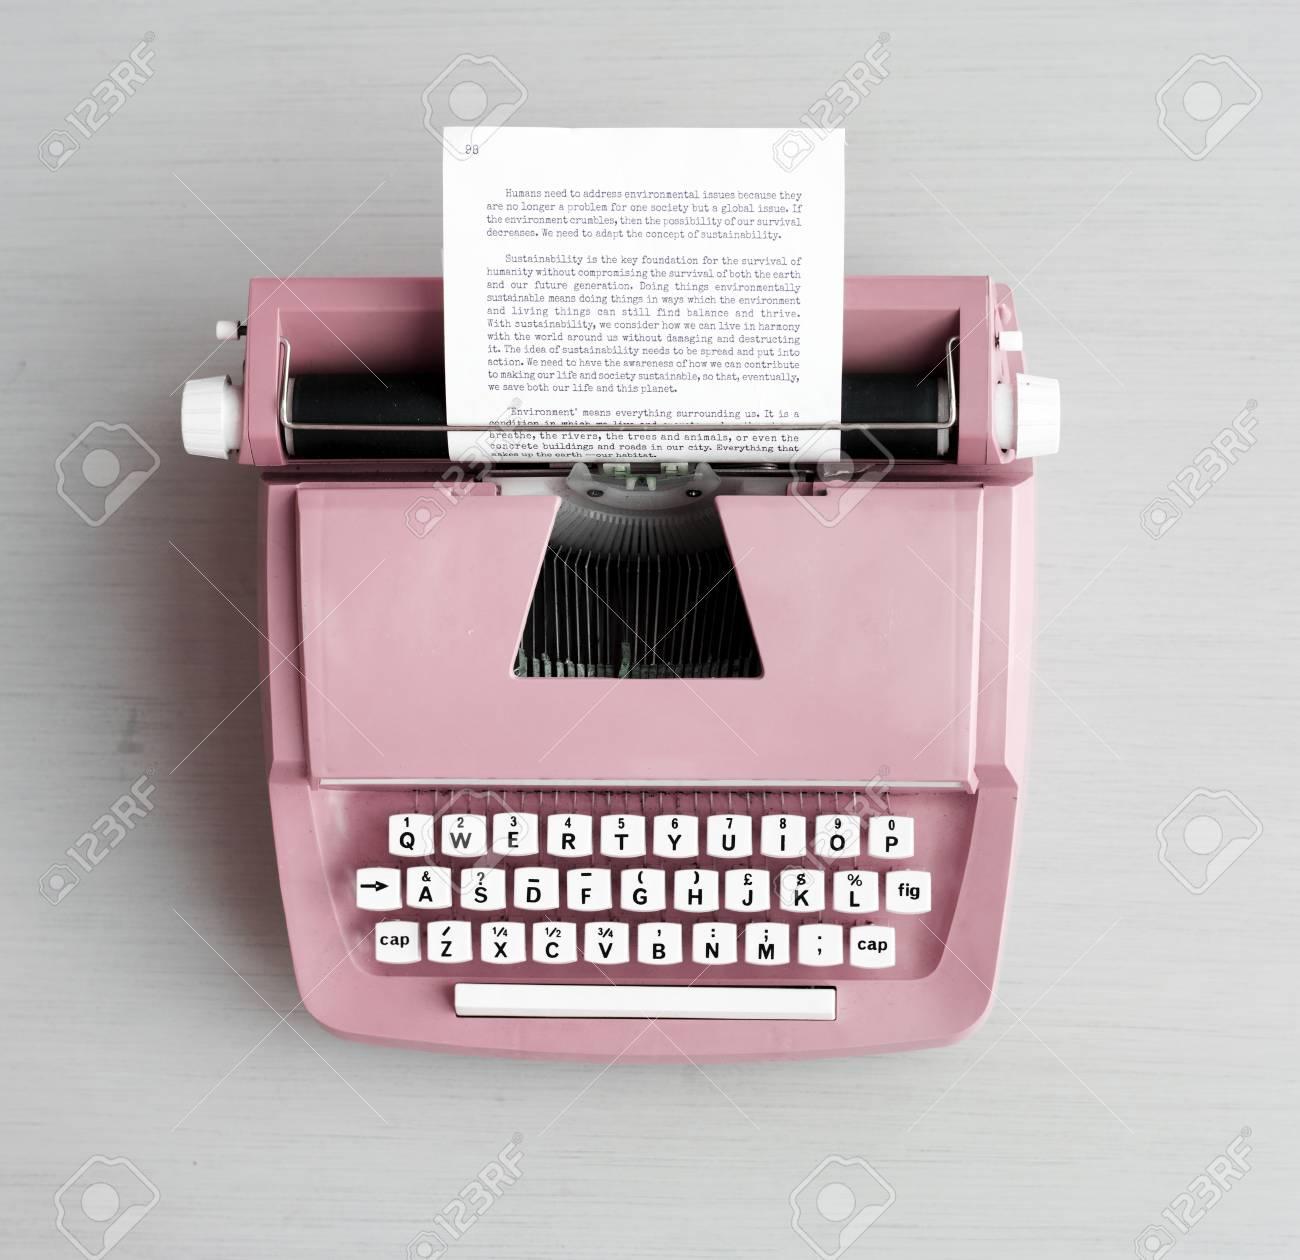 Retro pastel typewriter on grey surface - 90813725